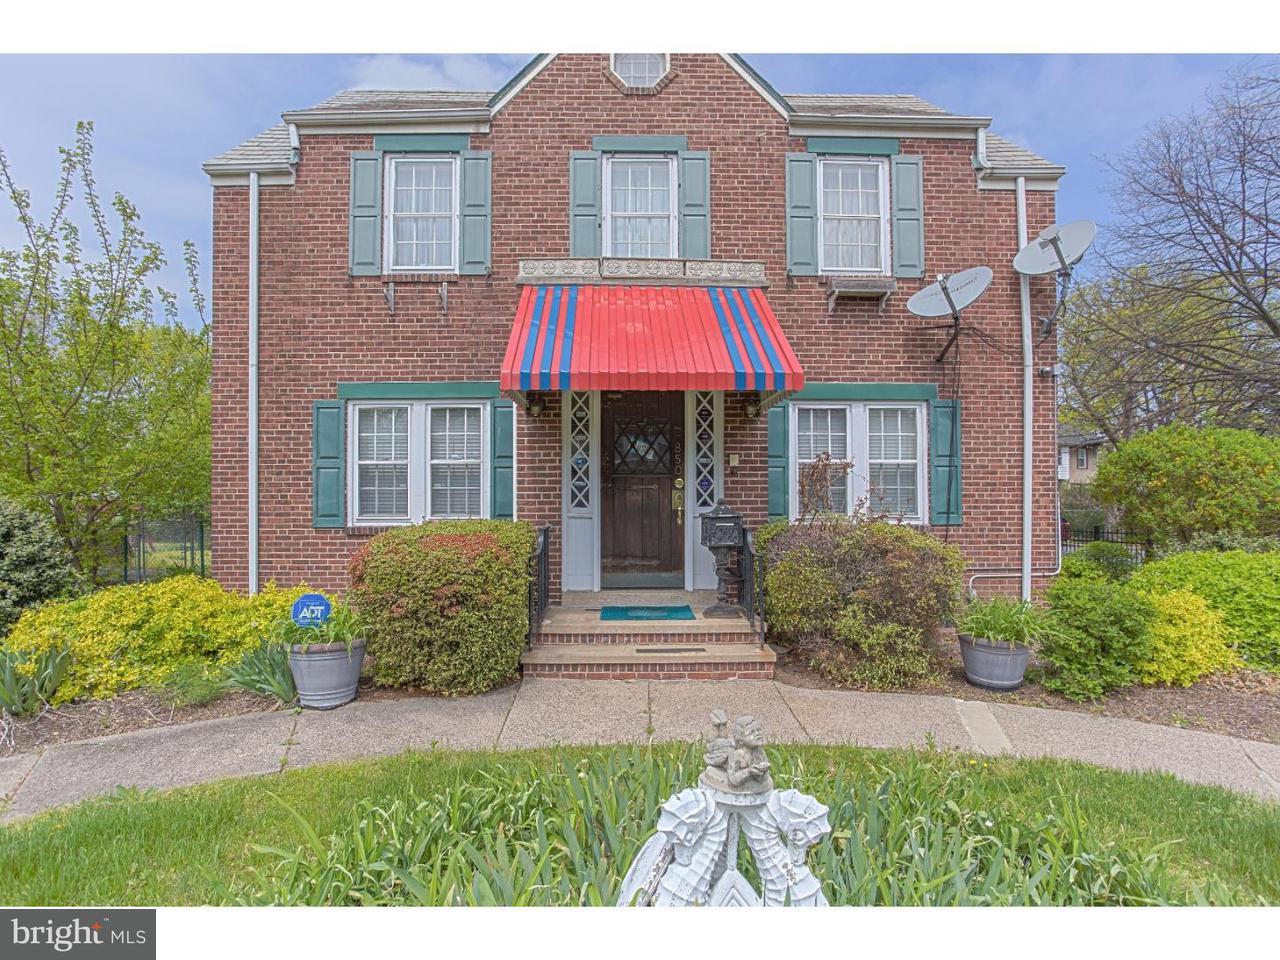 Μονοκατοικία για την Πώληση στο 850 HAMILTON Avenue Trenton, Νιου Τζερσεϋ 08629 Ηνωμενεσ ΠολιτειεσΣτην/Γύρω: Trenton City